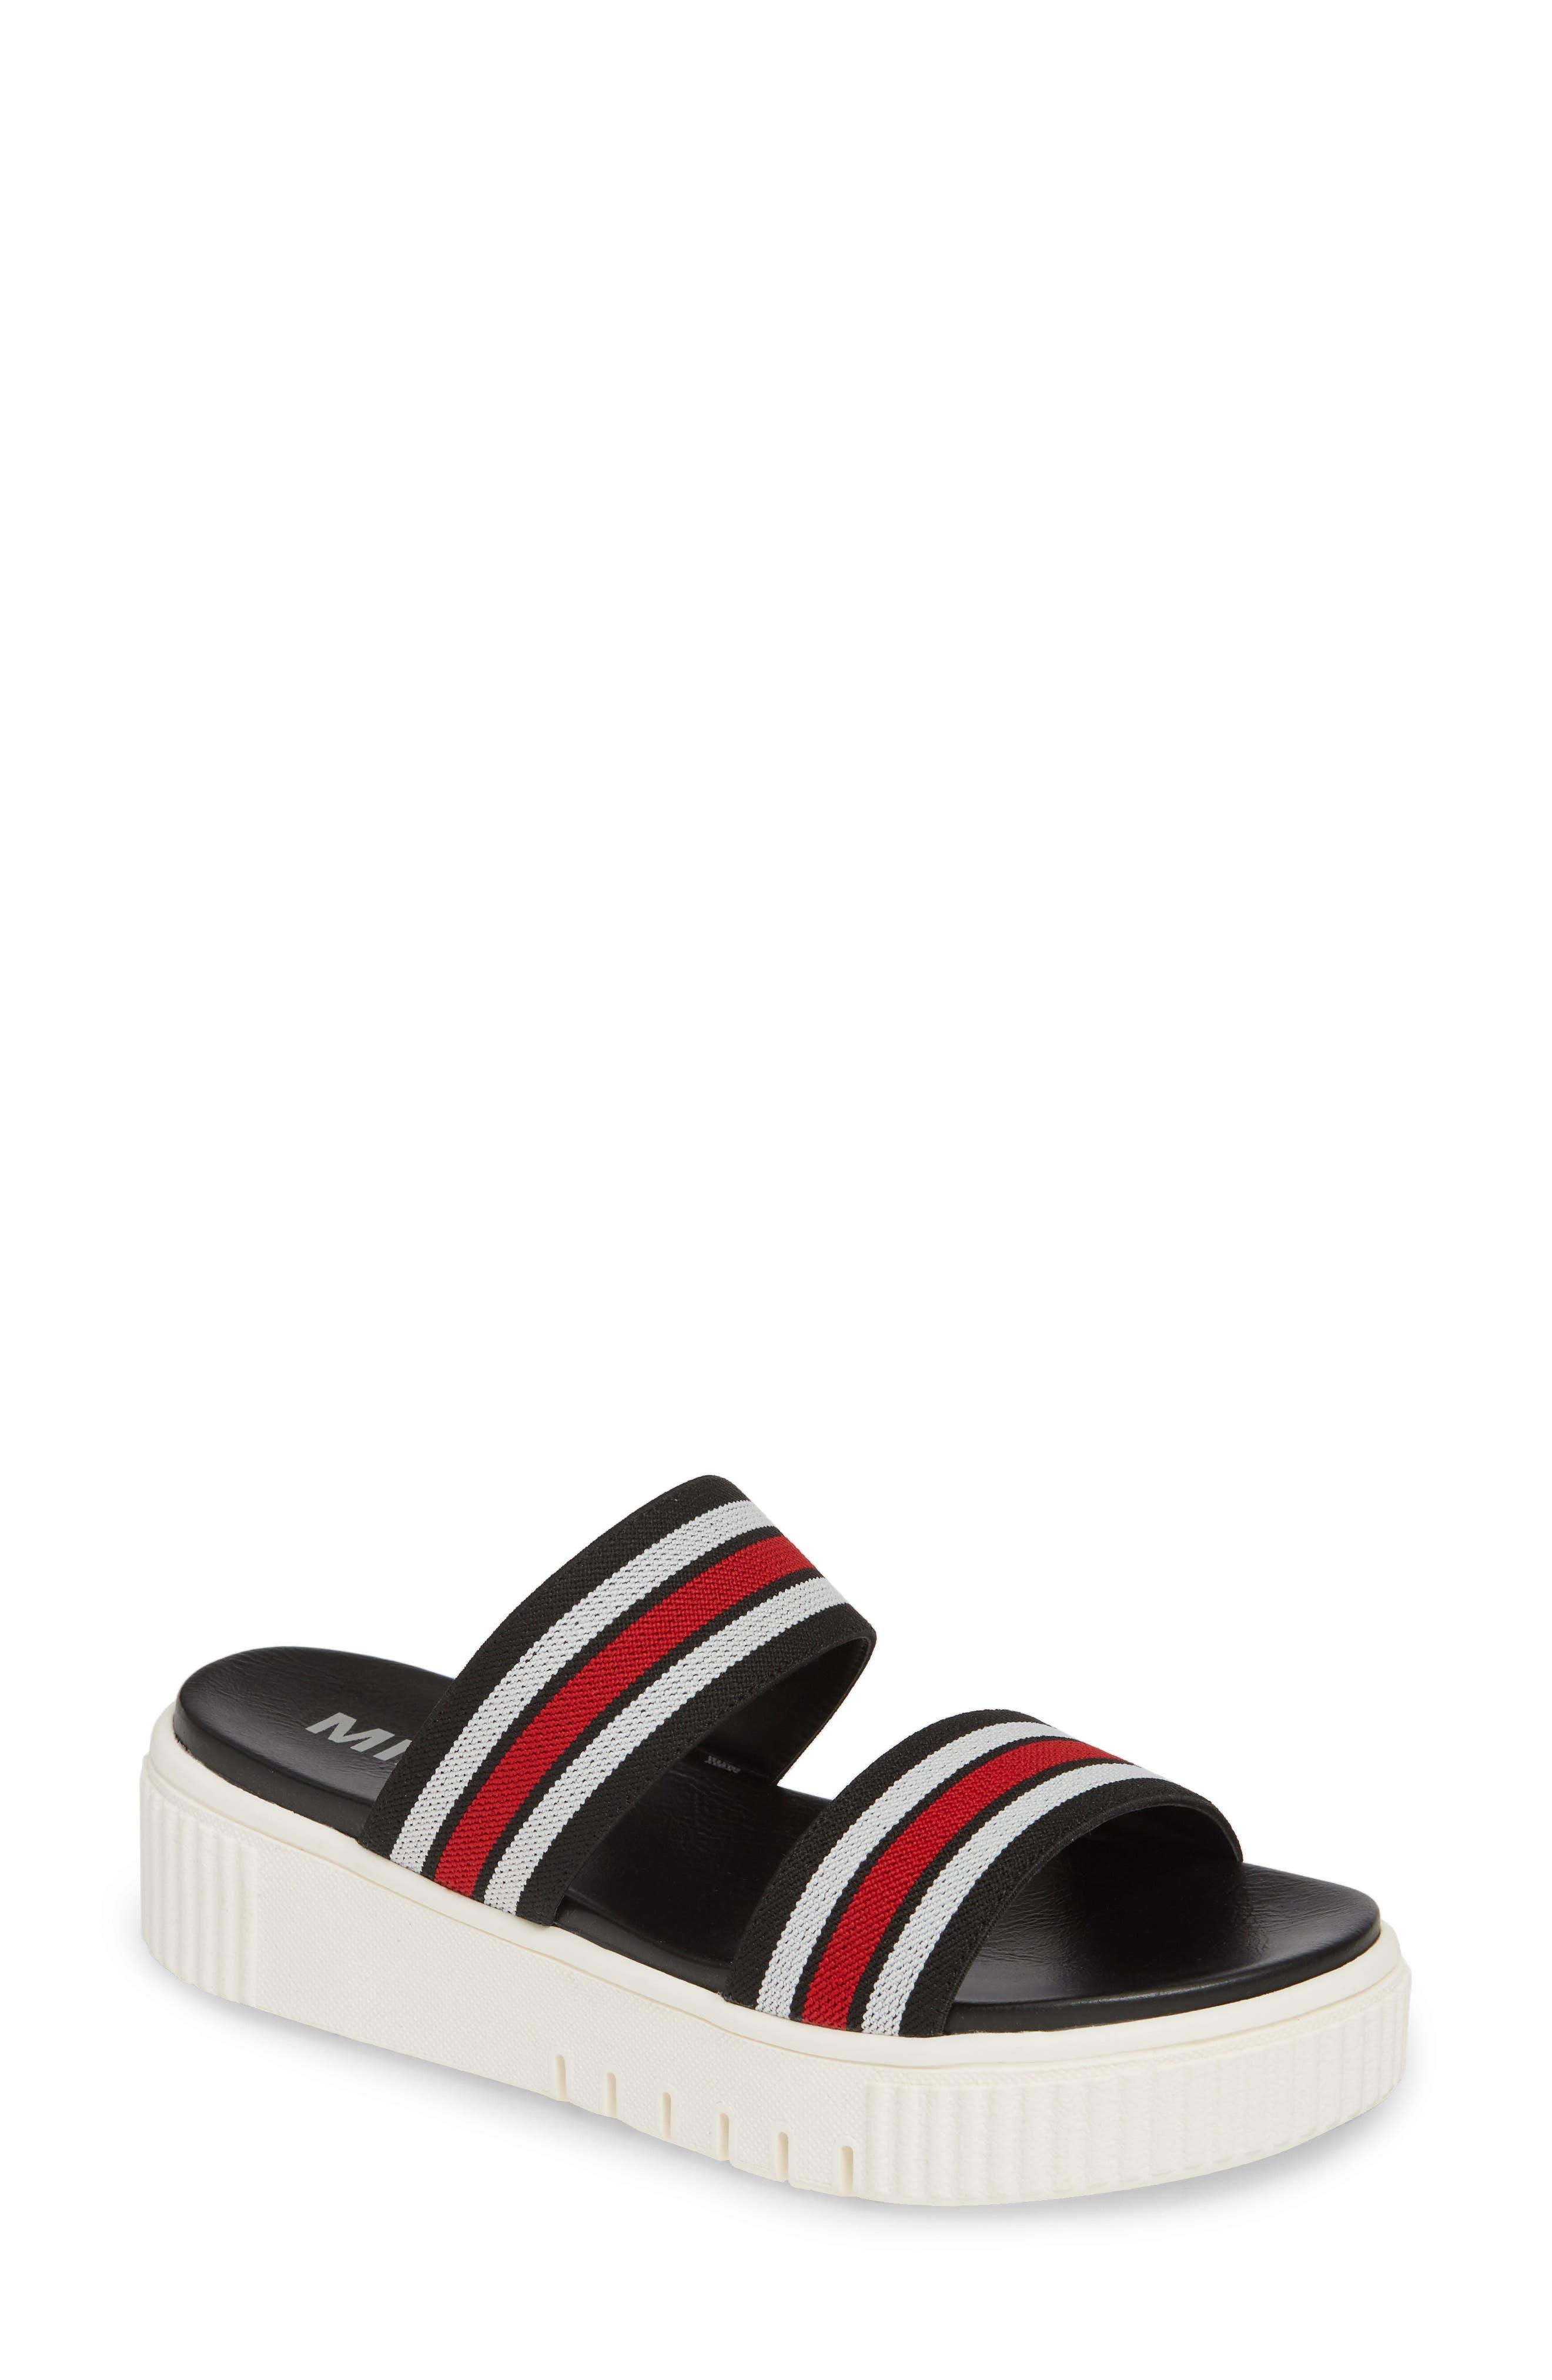 Mia Lillie Flatform Sandal- Black